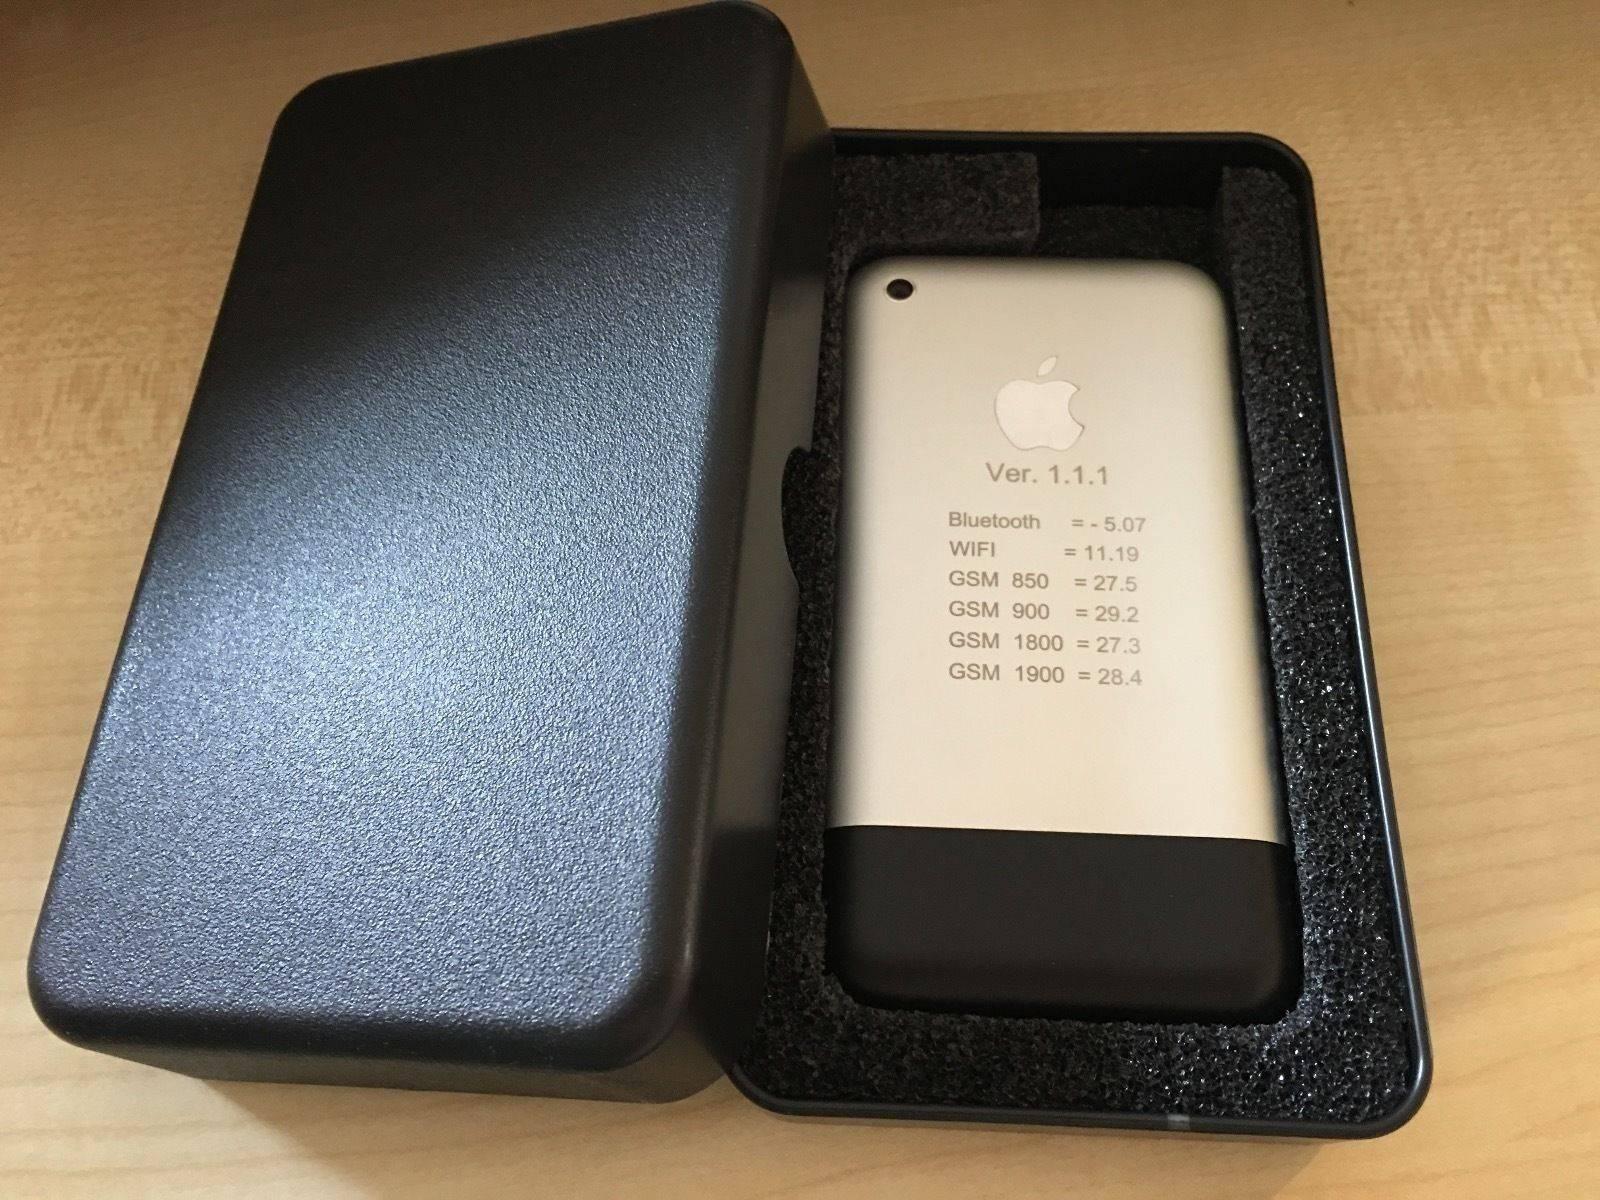 Rare Iphone Prototype 1